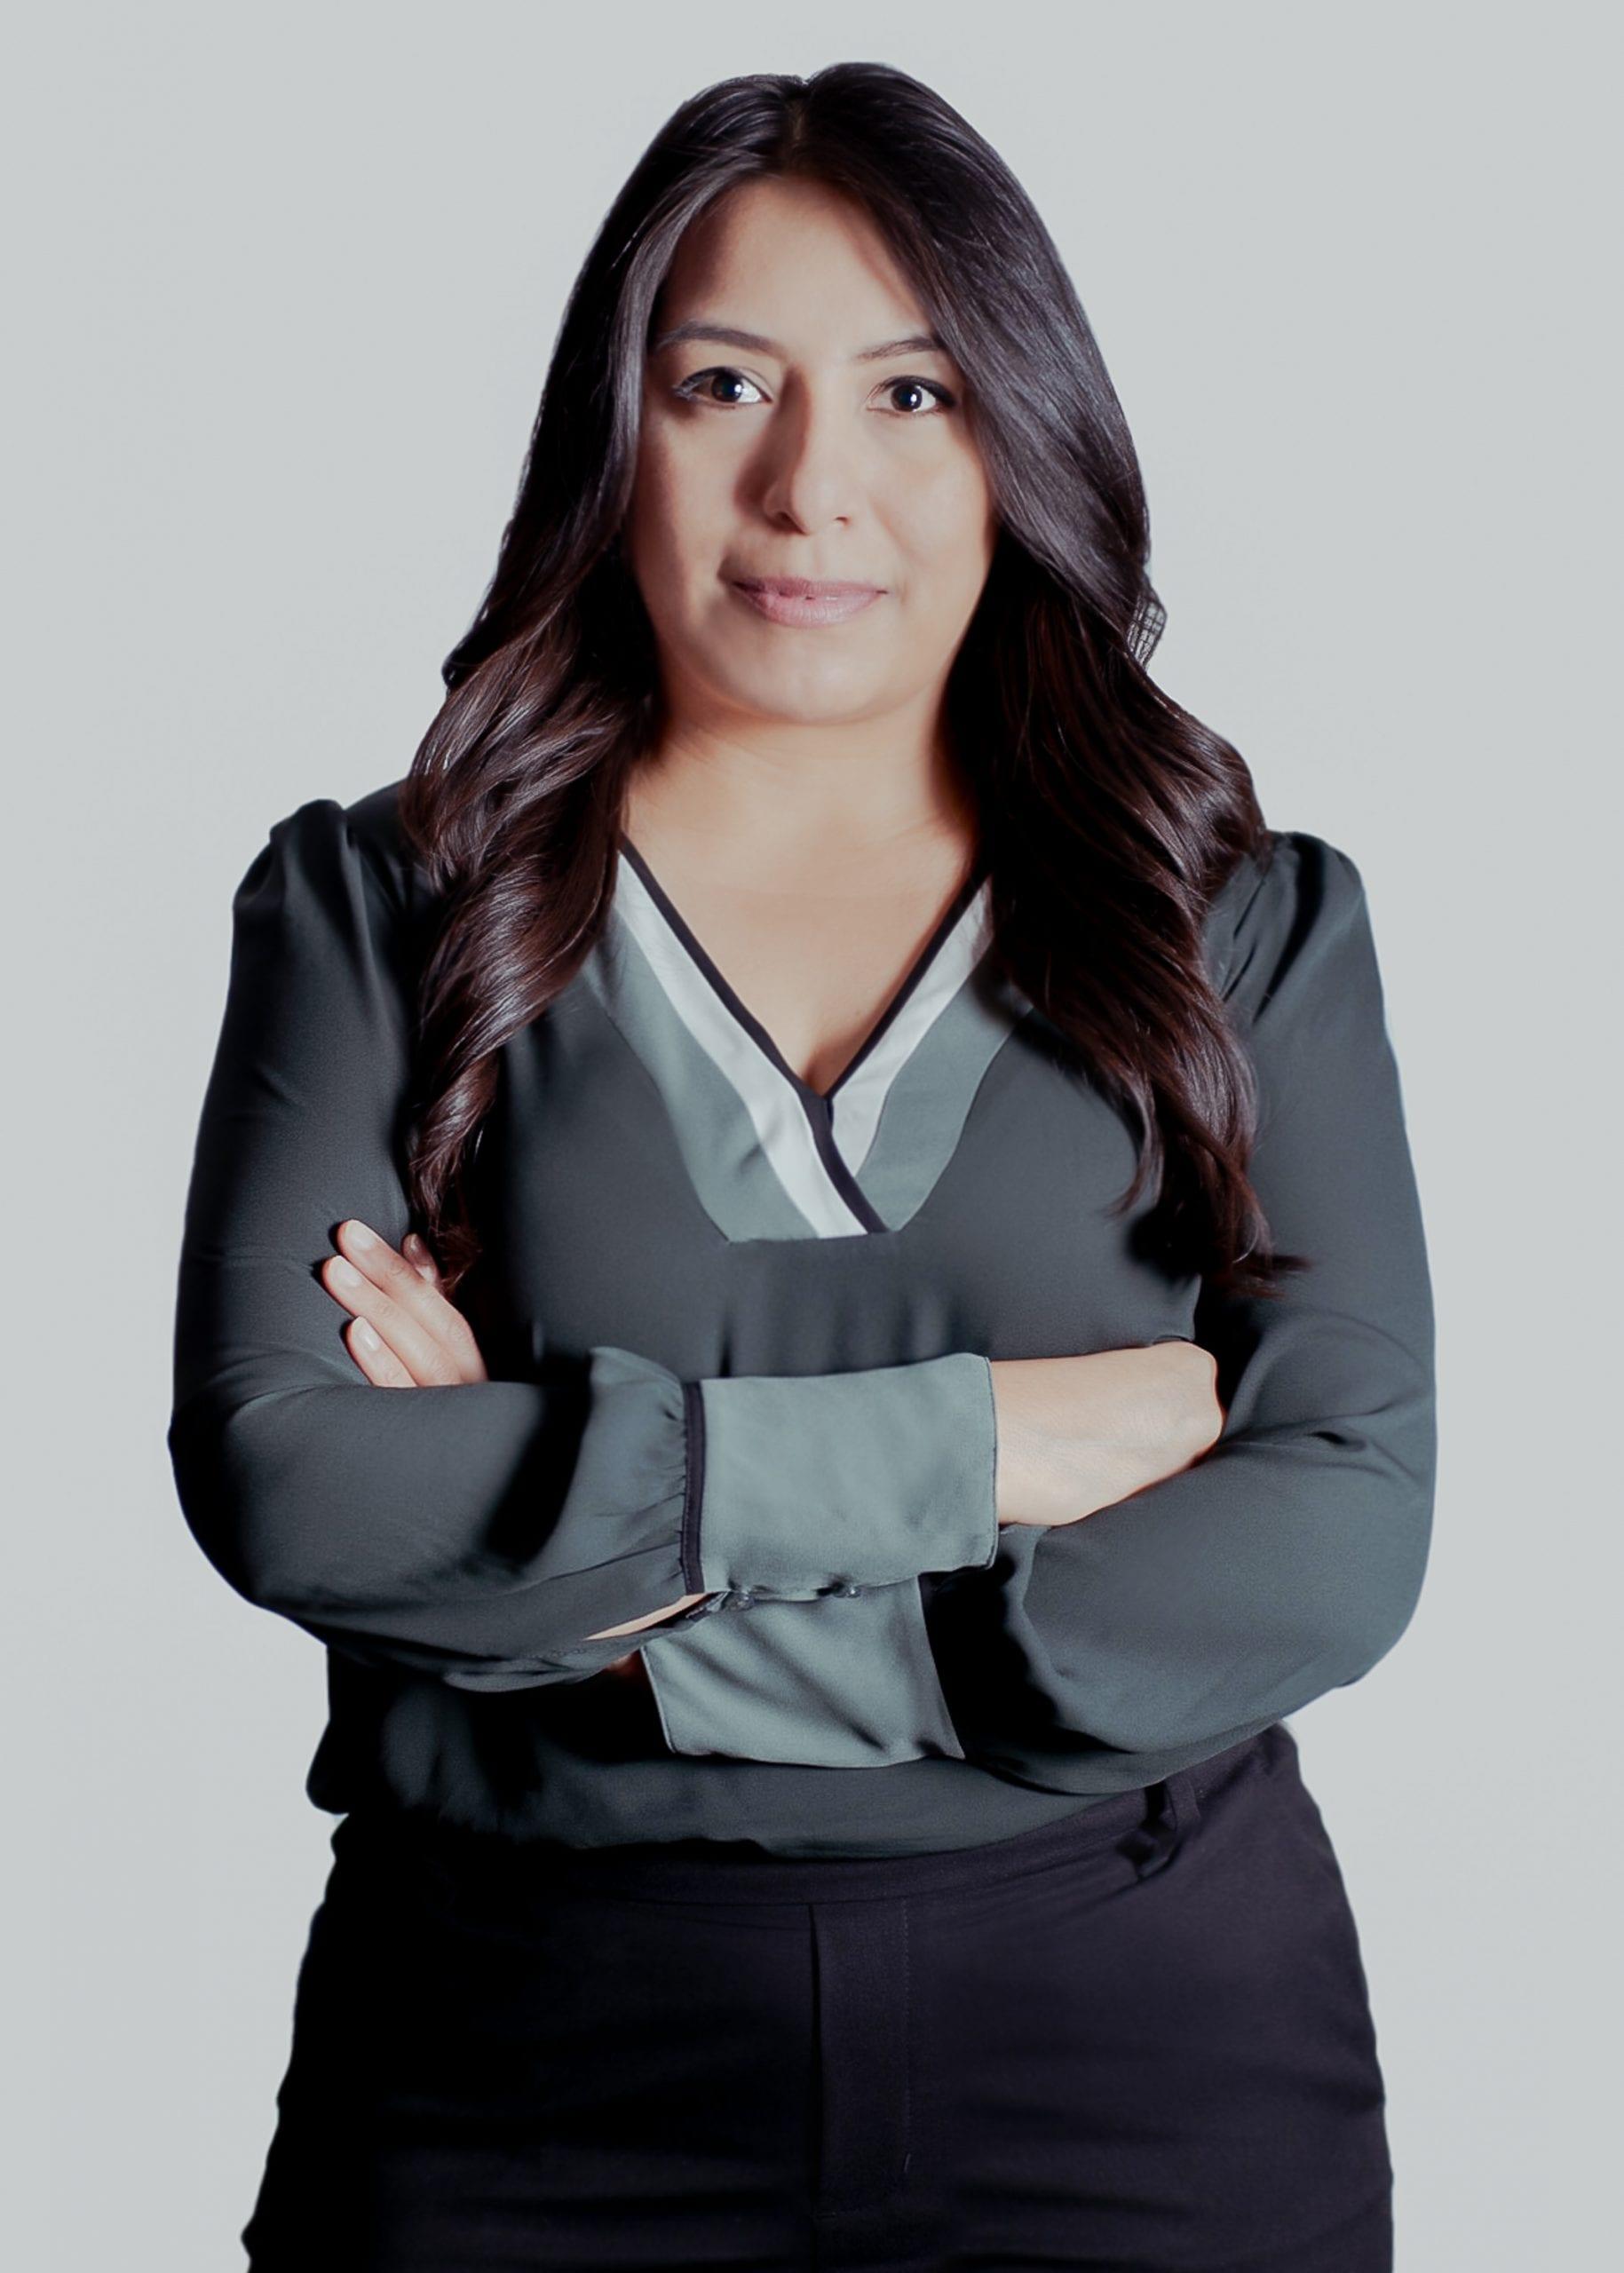 Martha L. Rodriguez